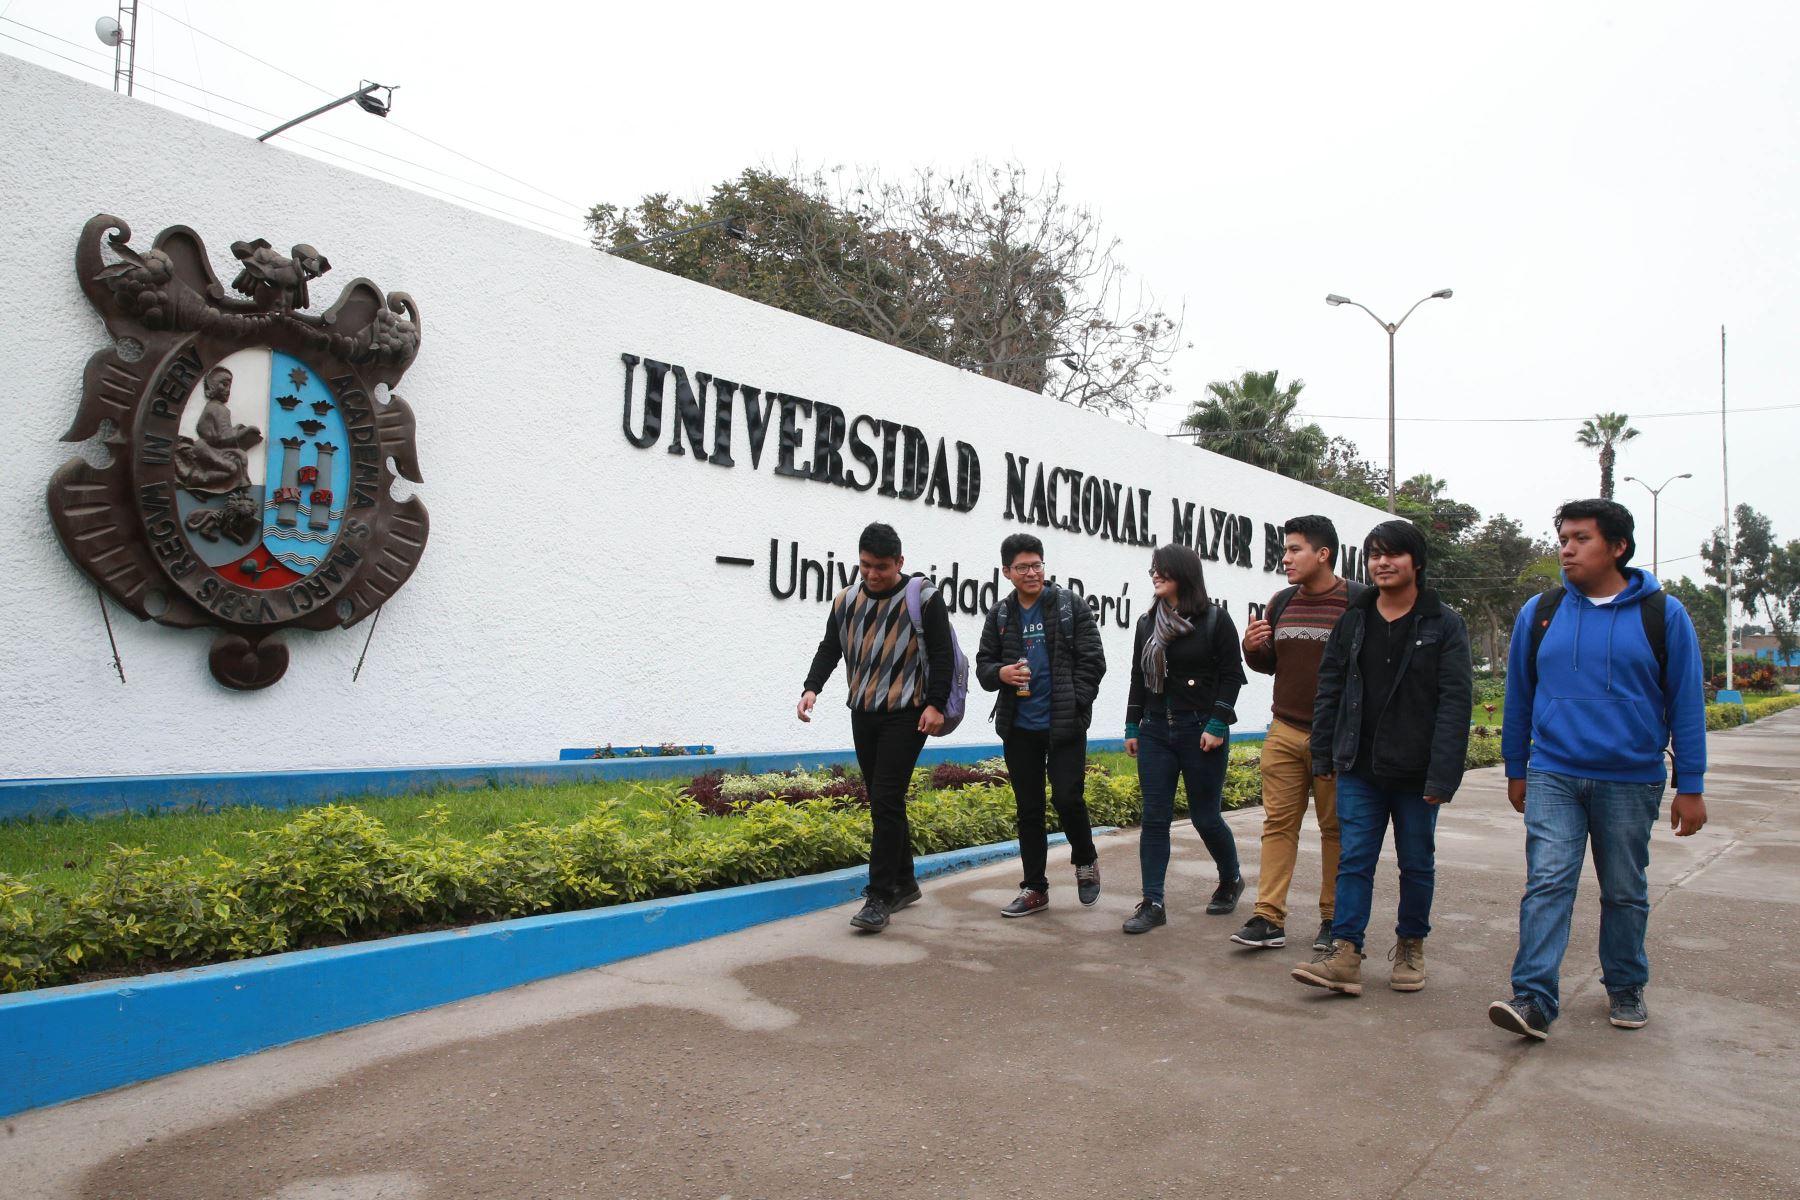 PRONABEC : postula por internet a las 8000 becas, para estudiantes de universidades publicas mas info. aquí...